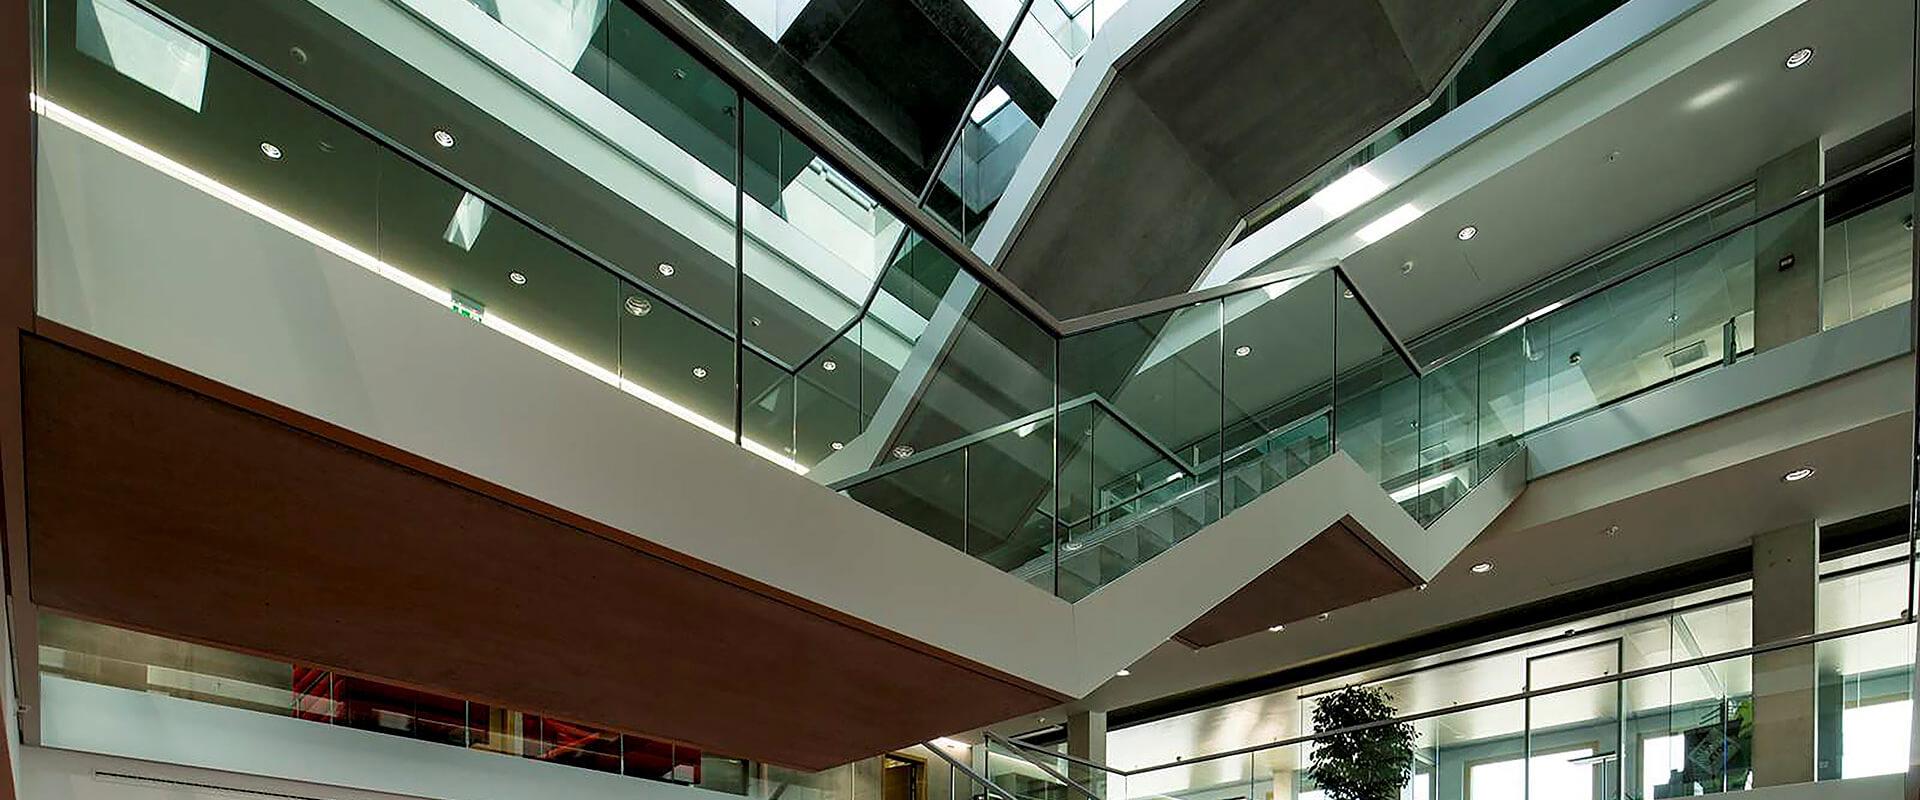 Planung von Gebäuden durch Invias